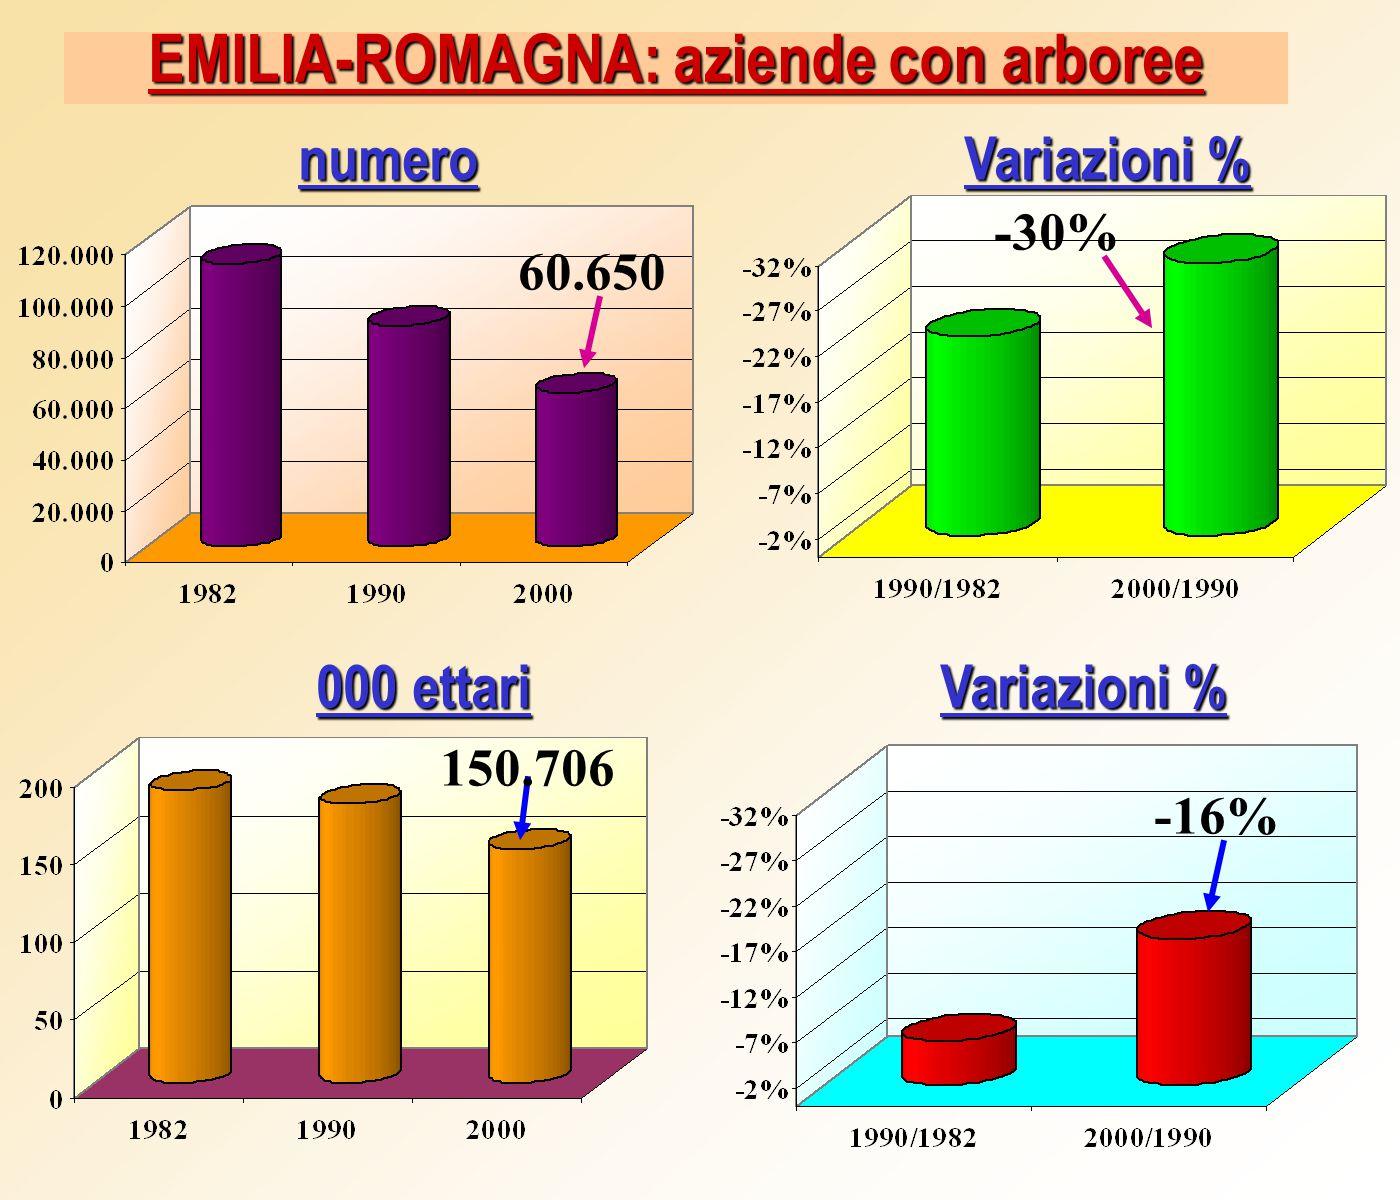 EMILIA-ROMAGNA: aziende con arboree Variazioni % numero 000 ettari Variazioni % 60.650 150.706 -30% -16%